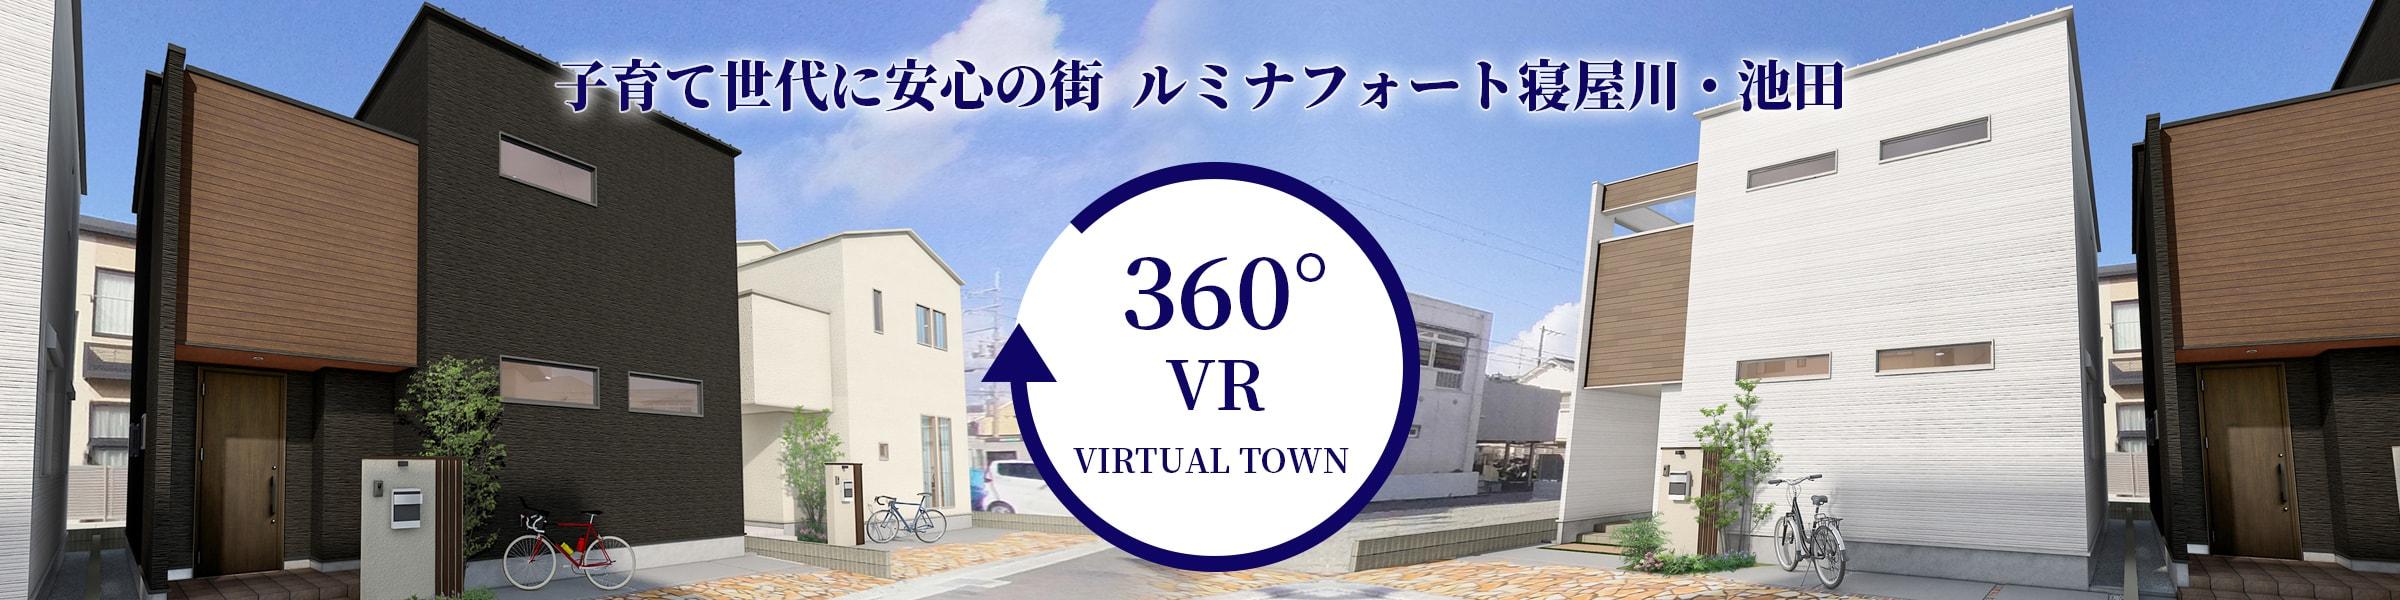 ルミナフォート寝屋川・池田 360°VR